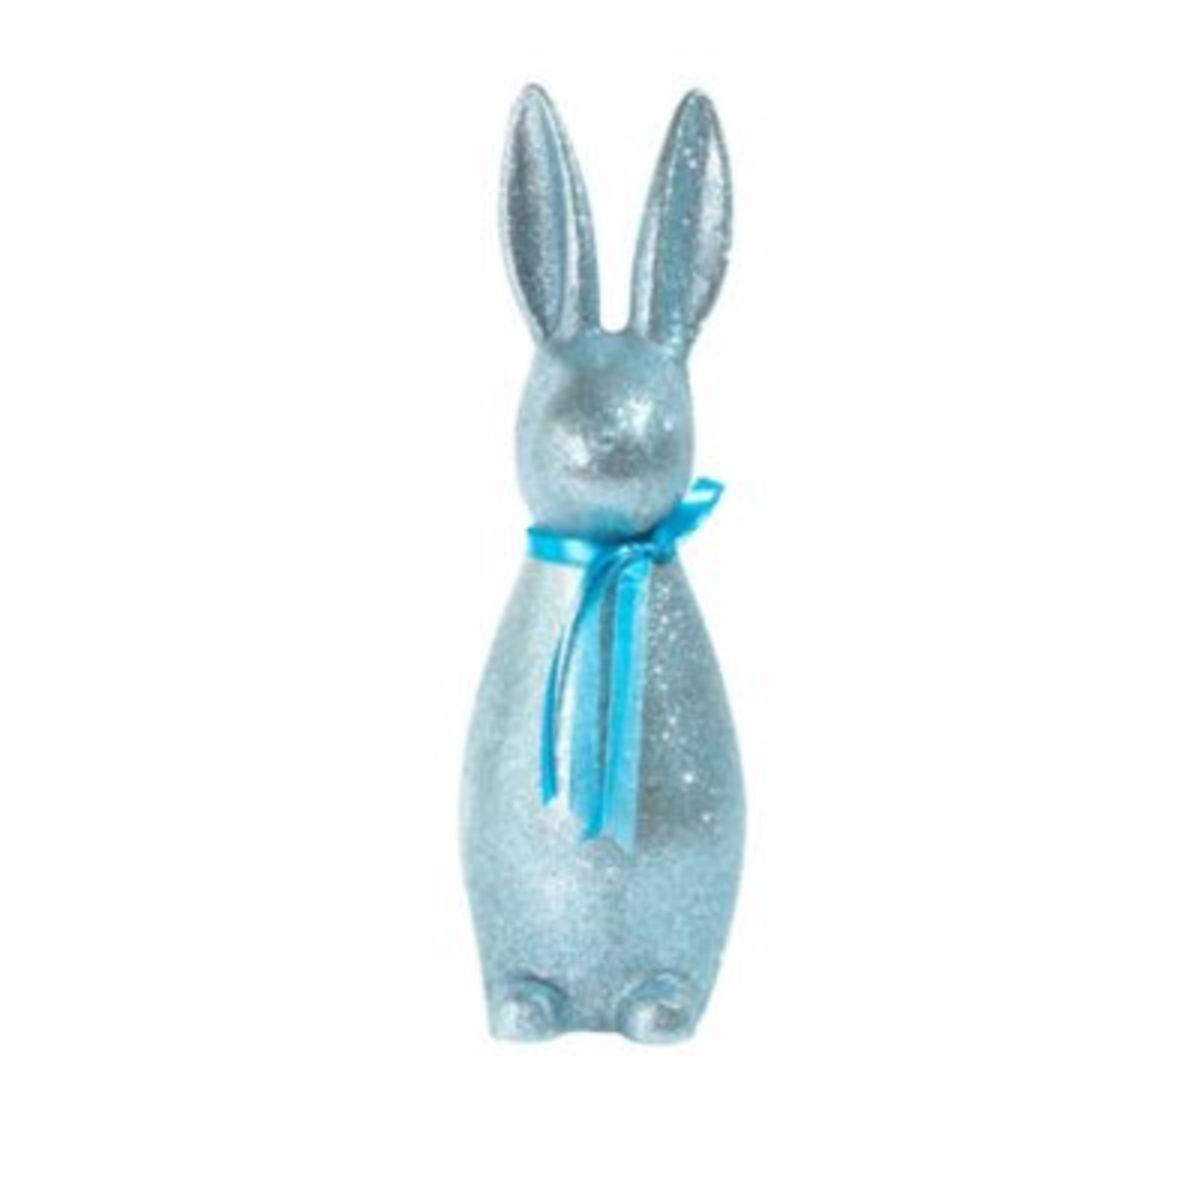 Bild 1 von Deko-Figur Glitter Rabbit Blau